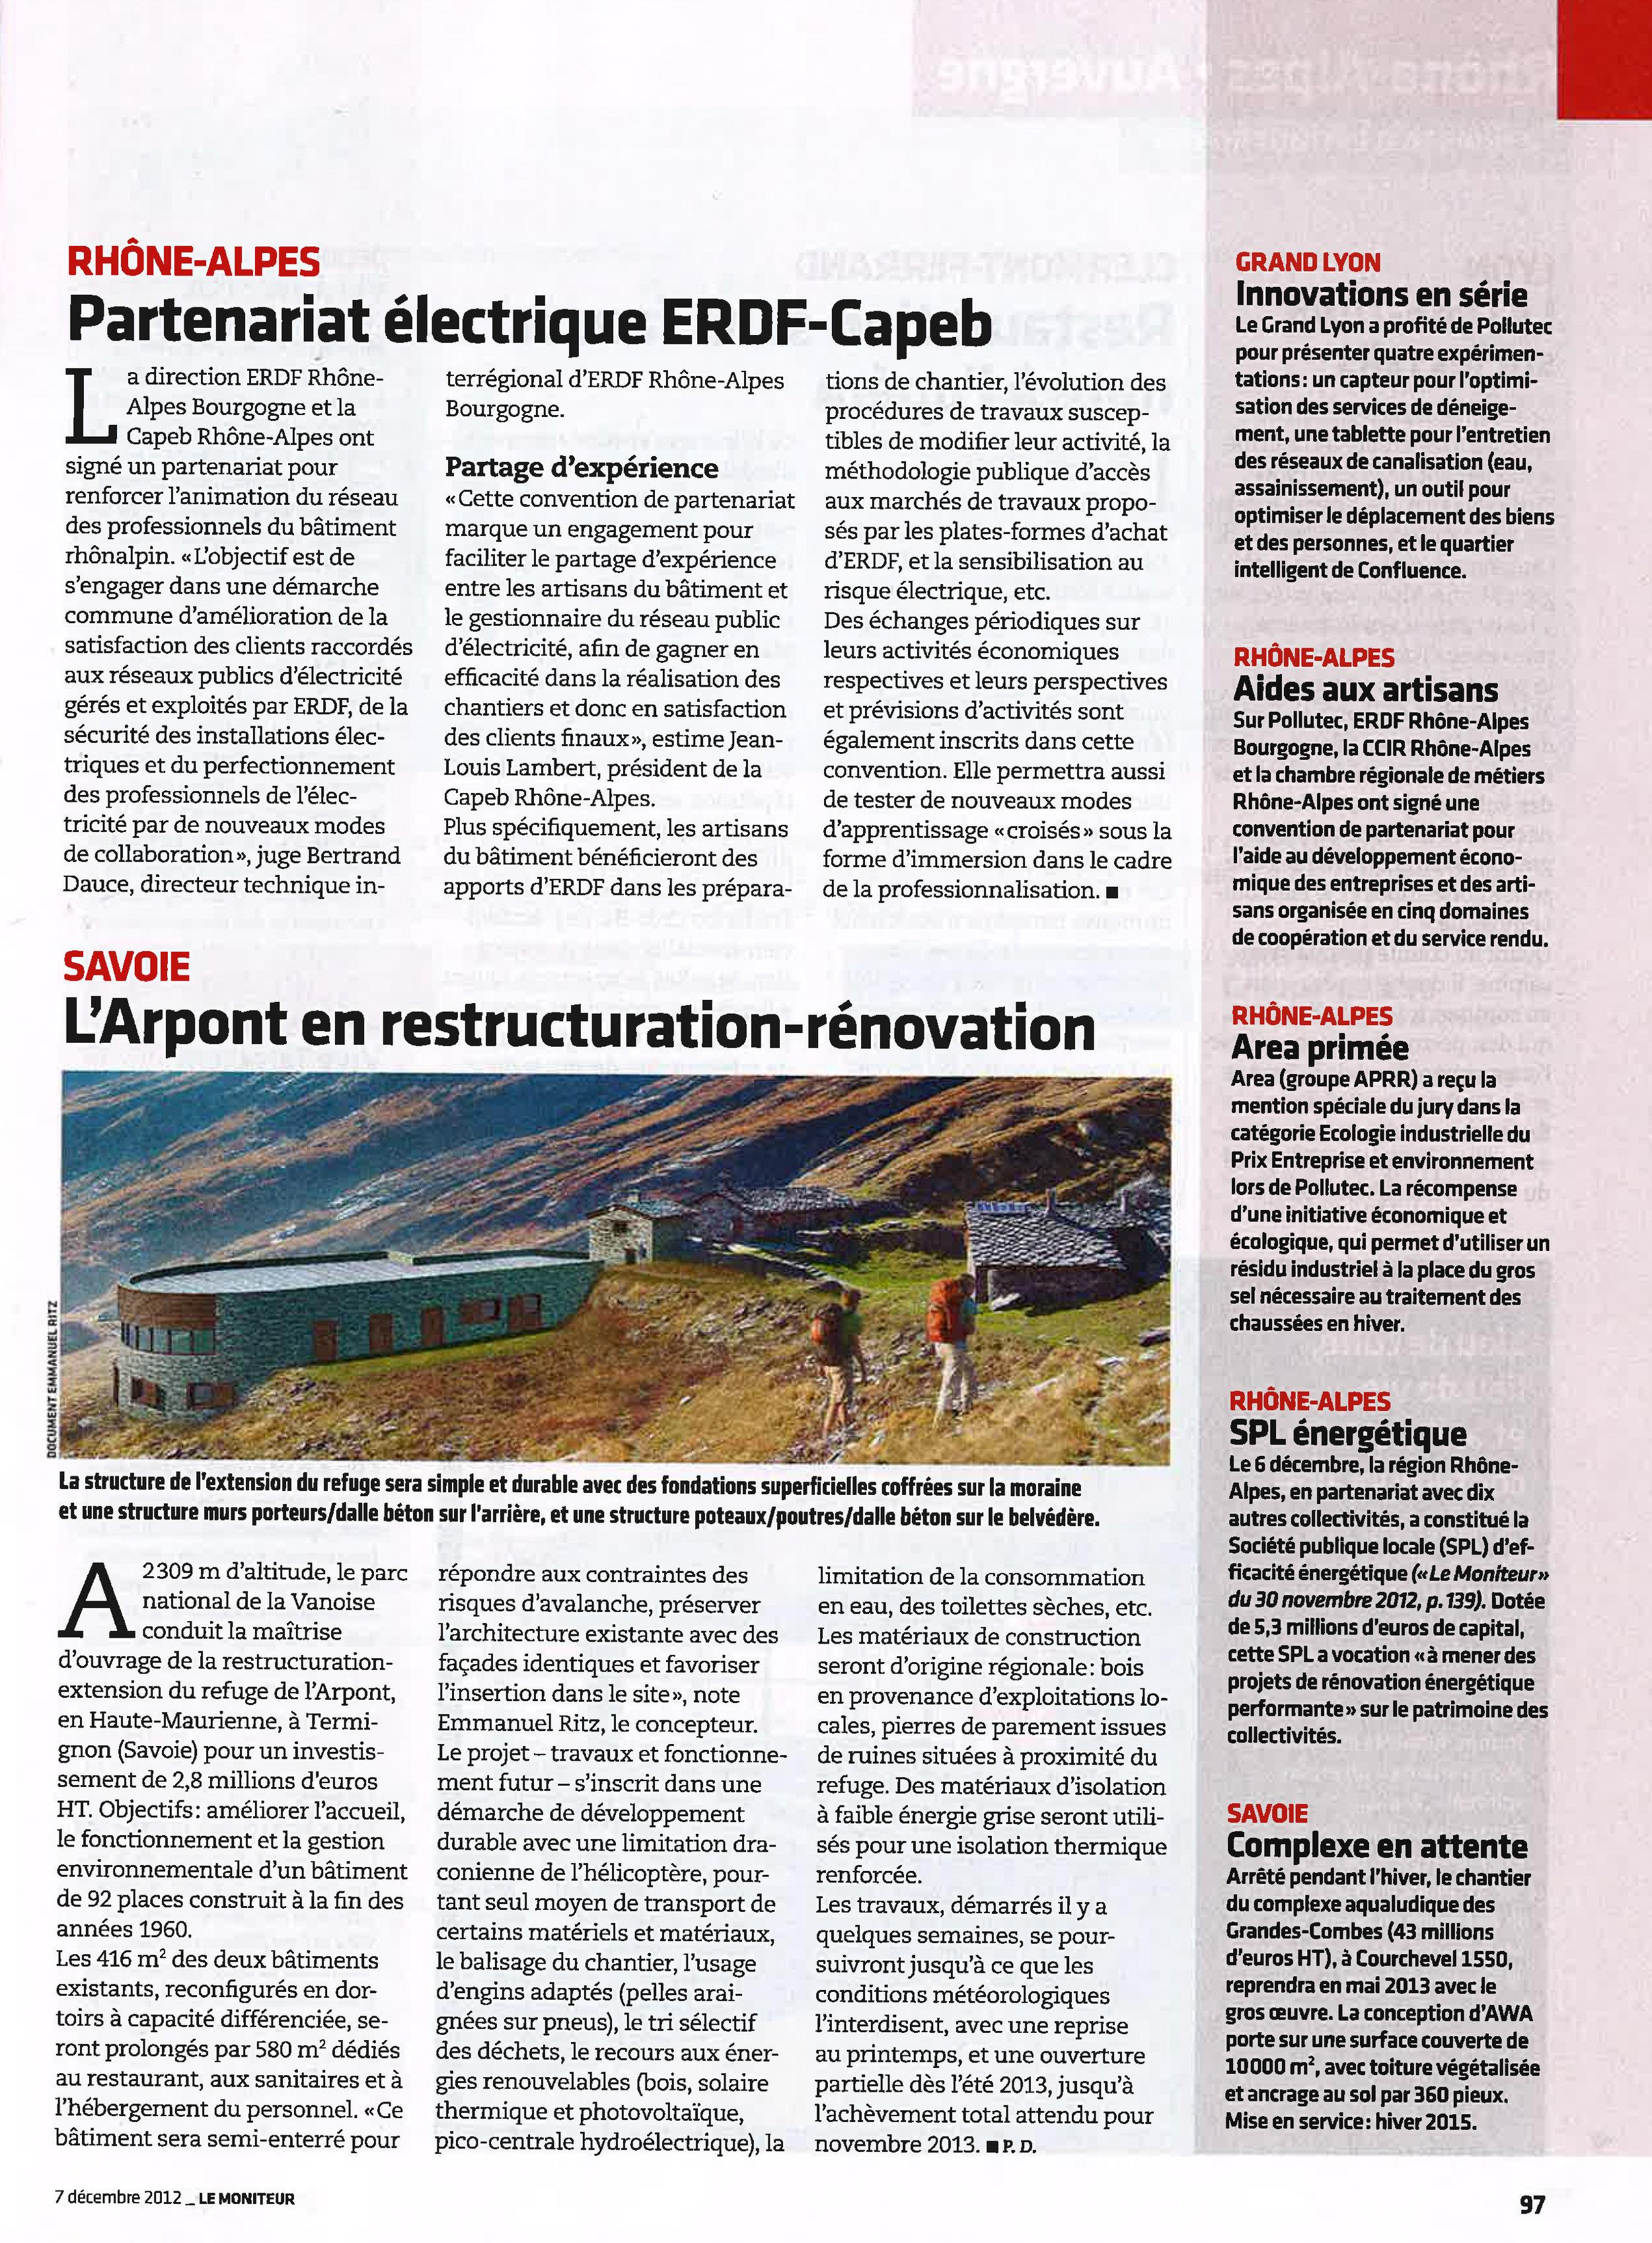 Arpont - le moniteur 7.12.2012.jpg